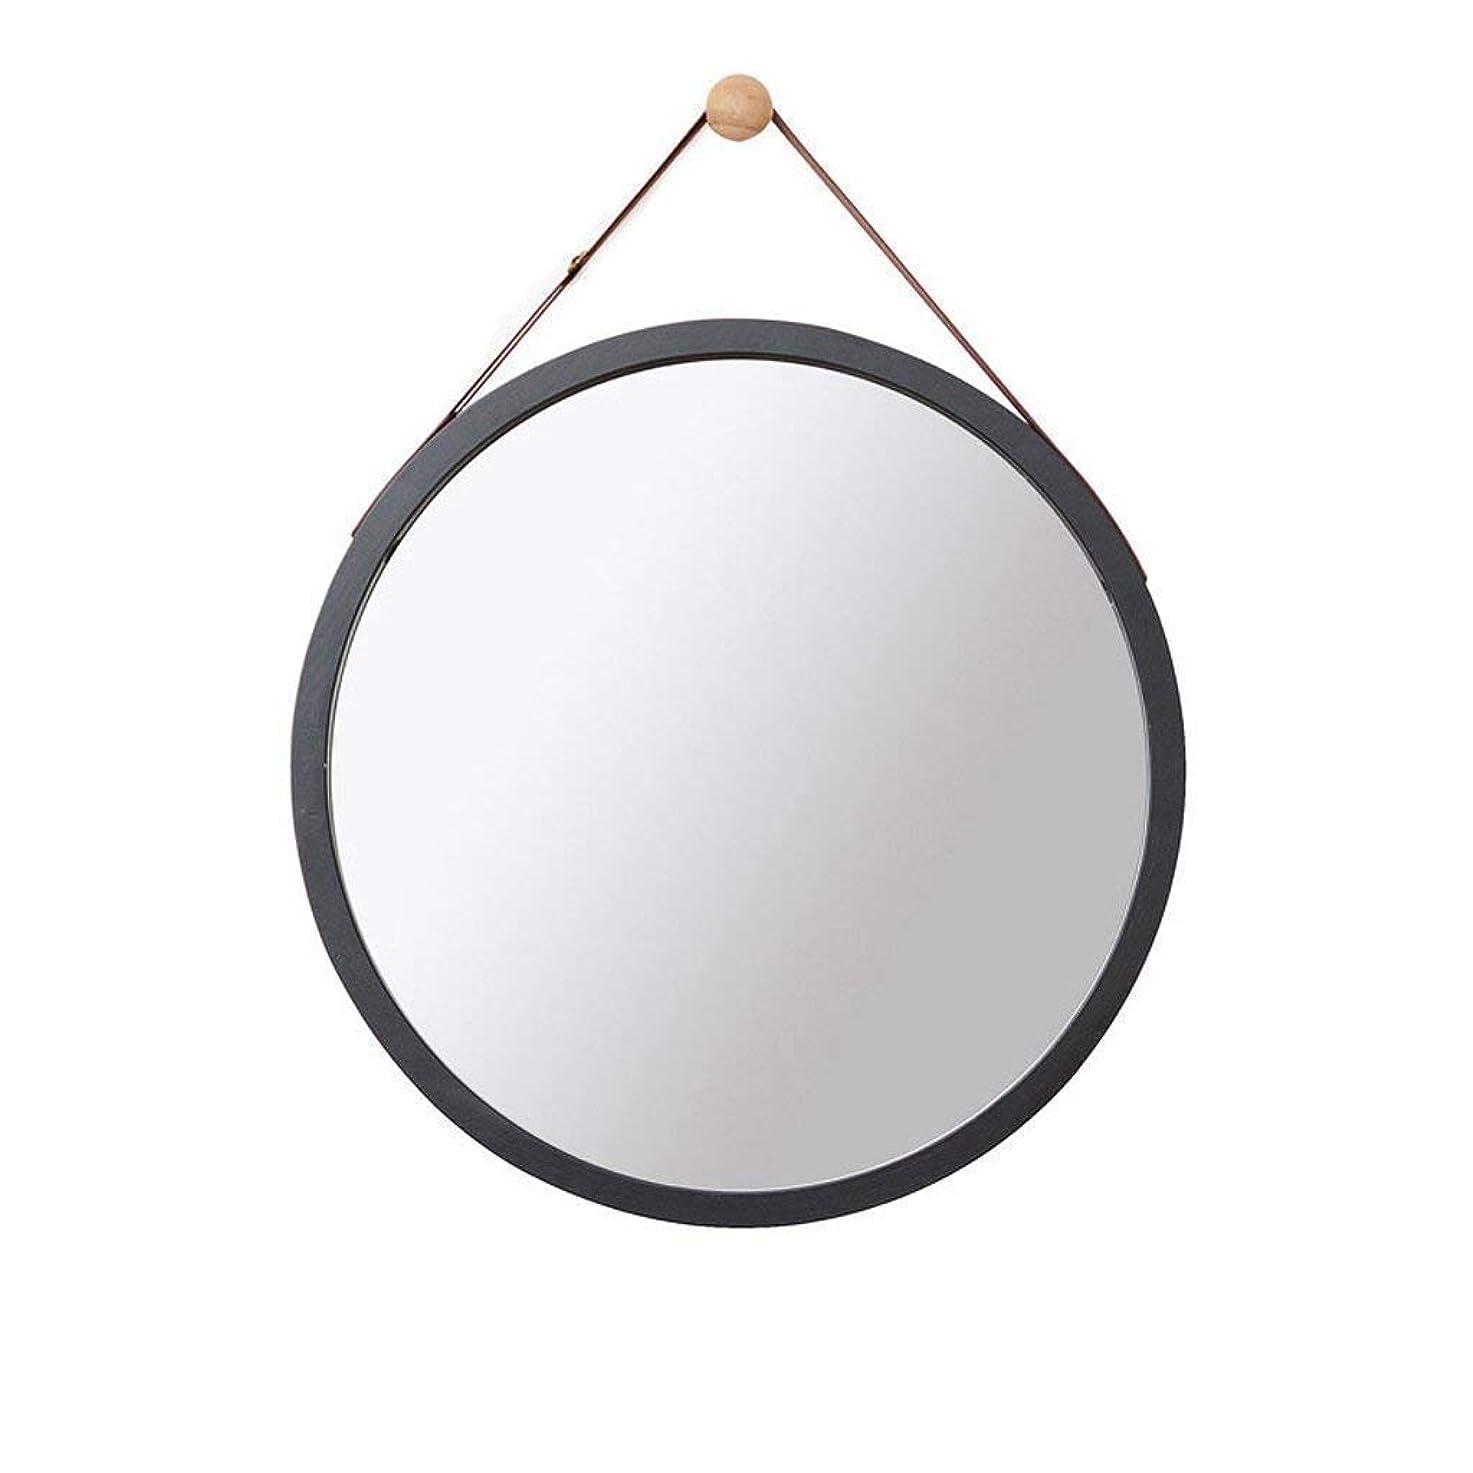 磁器シガレット九Selm 壁掛けミラー、壁掛けミラー、化粧鏡、バスルーム装飾、吊り鏡 (Color : Black, Size : 45CM)